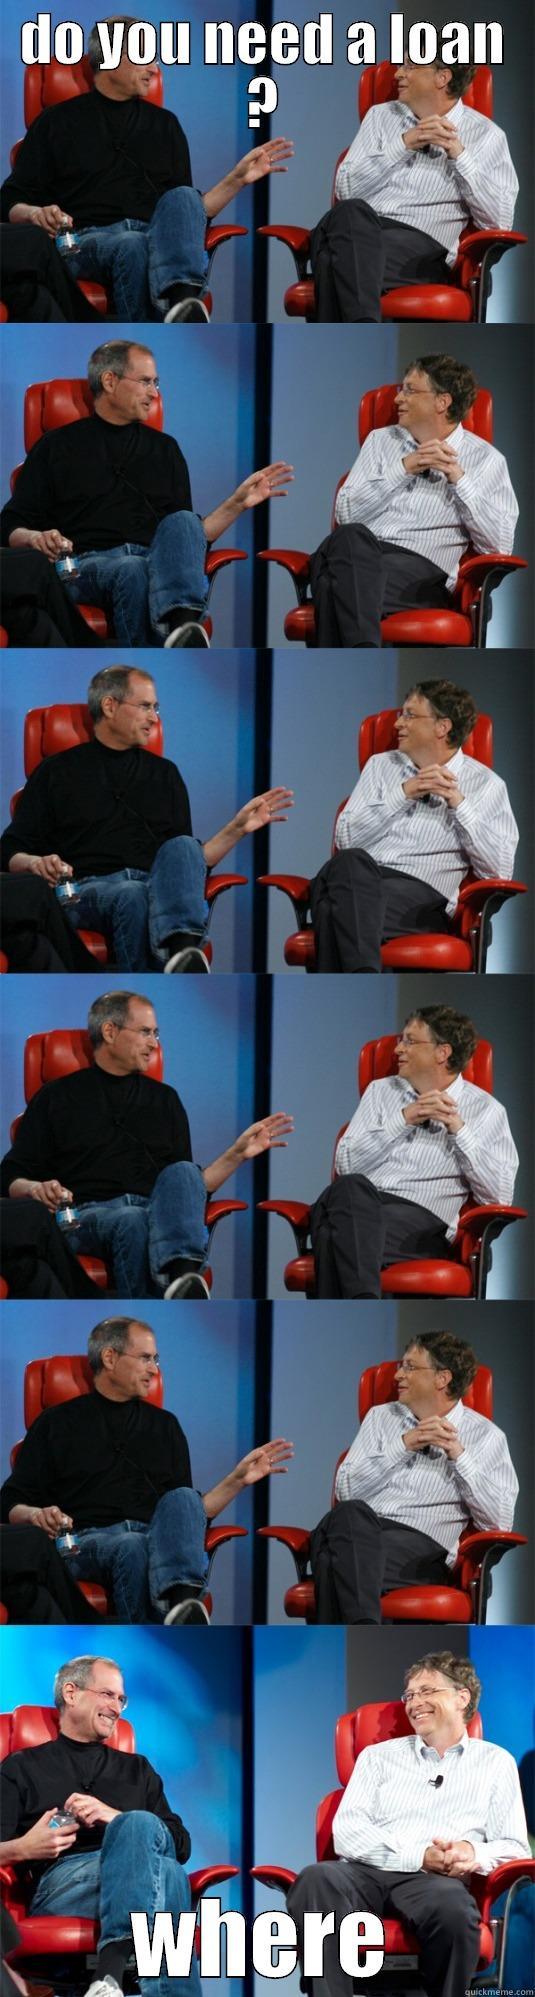 do you need a loan - DO YOU NEED A LOAN ? WHERE Steve Jobs vs Bill Gates